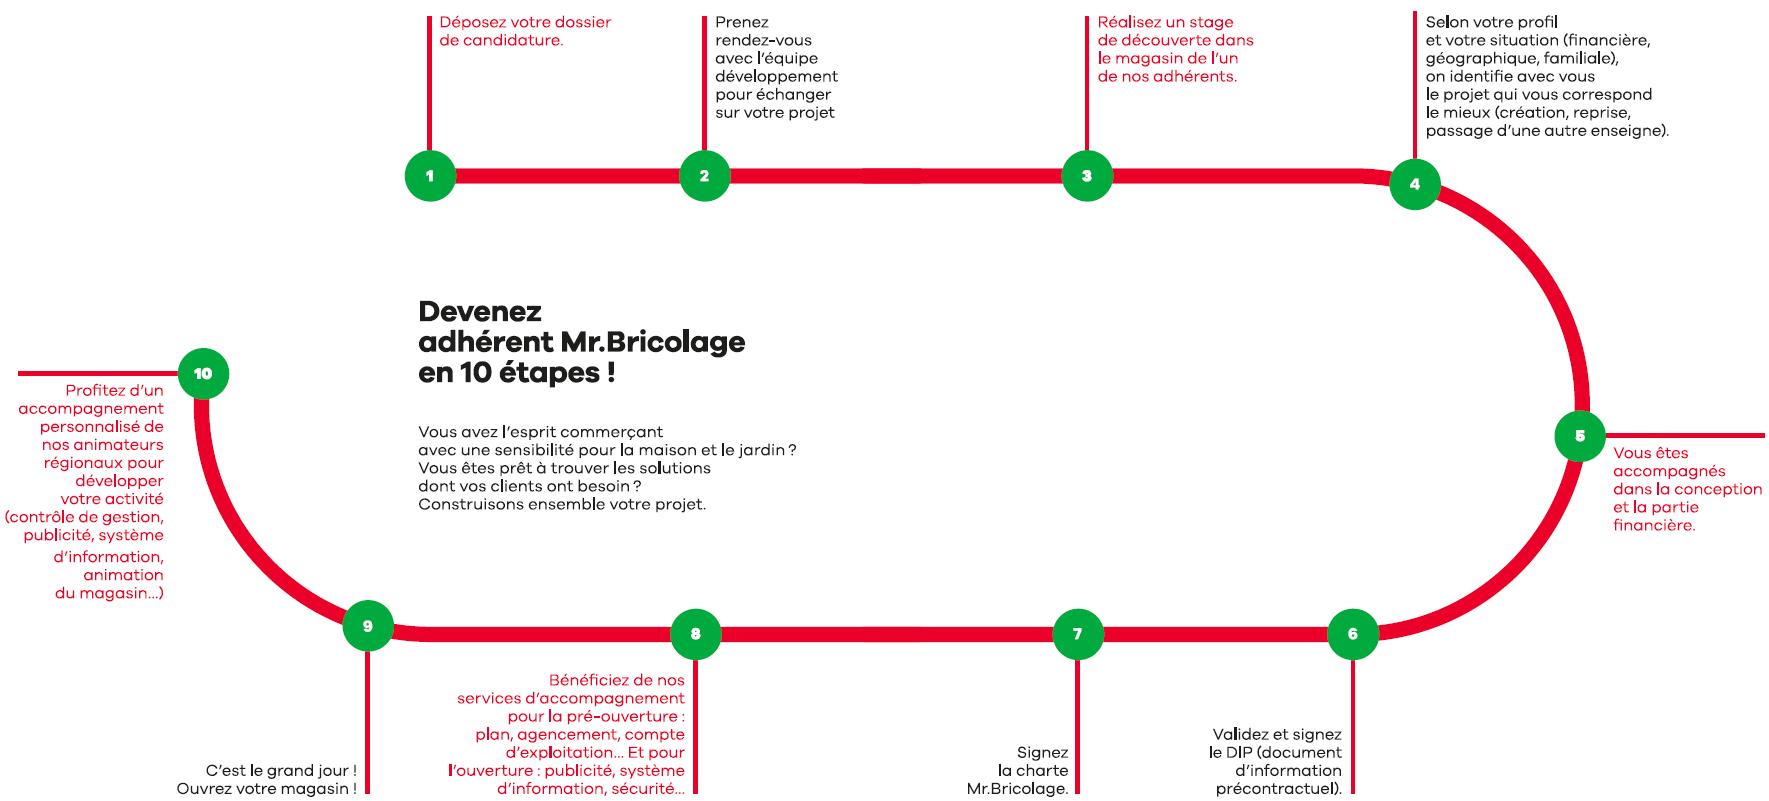 10-etapes-pour-devenir-adherent